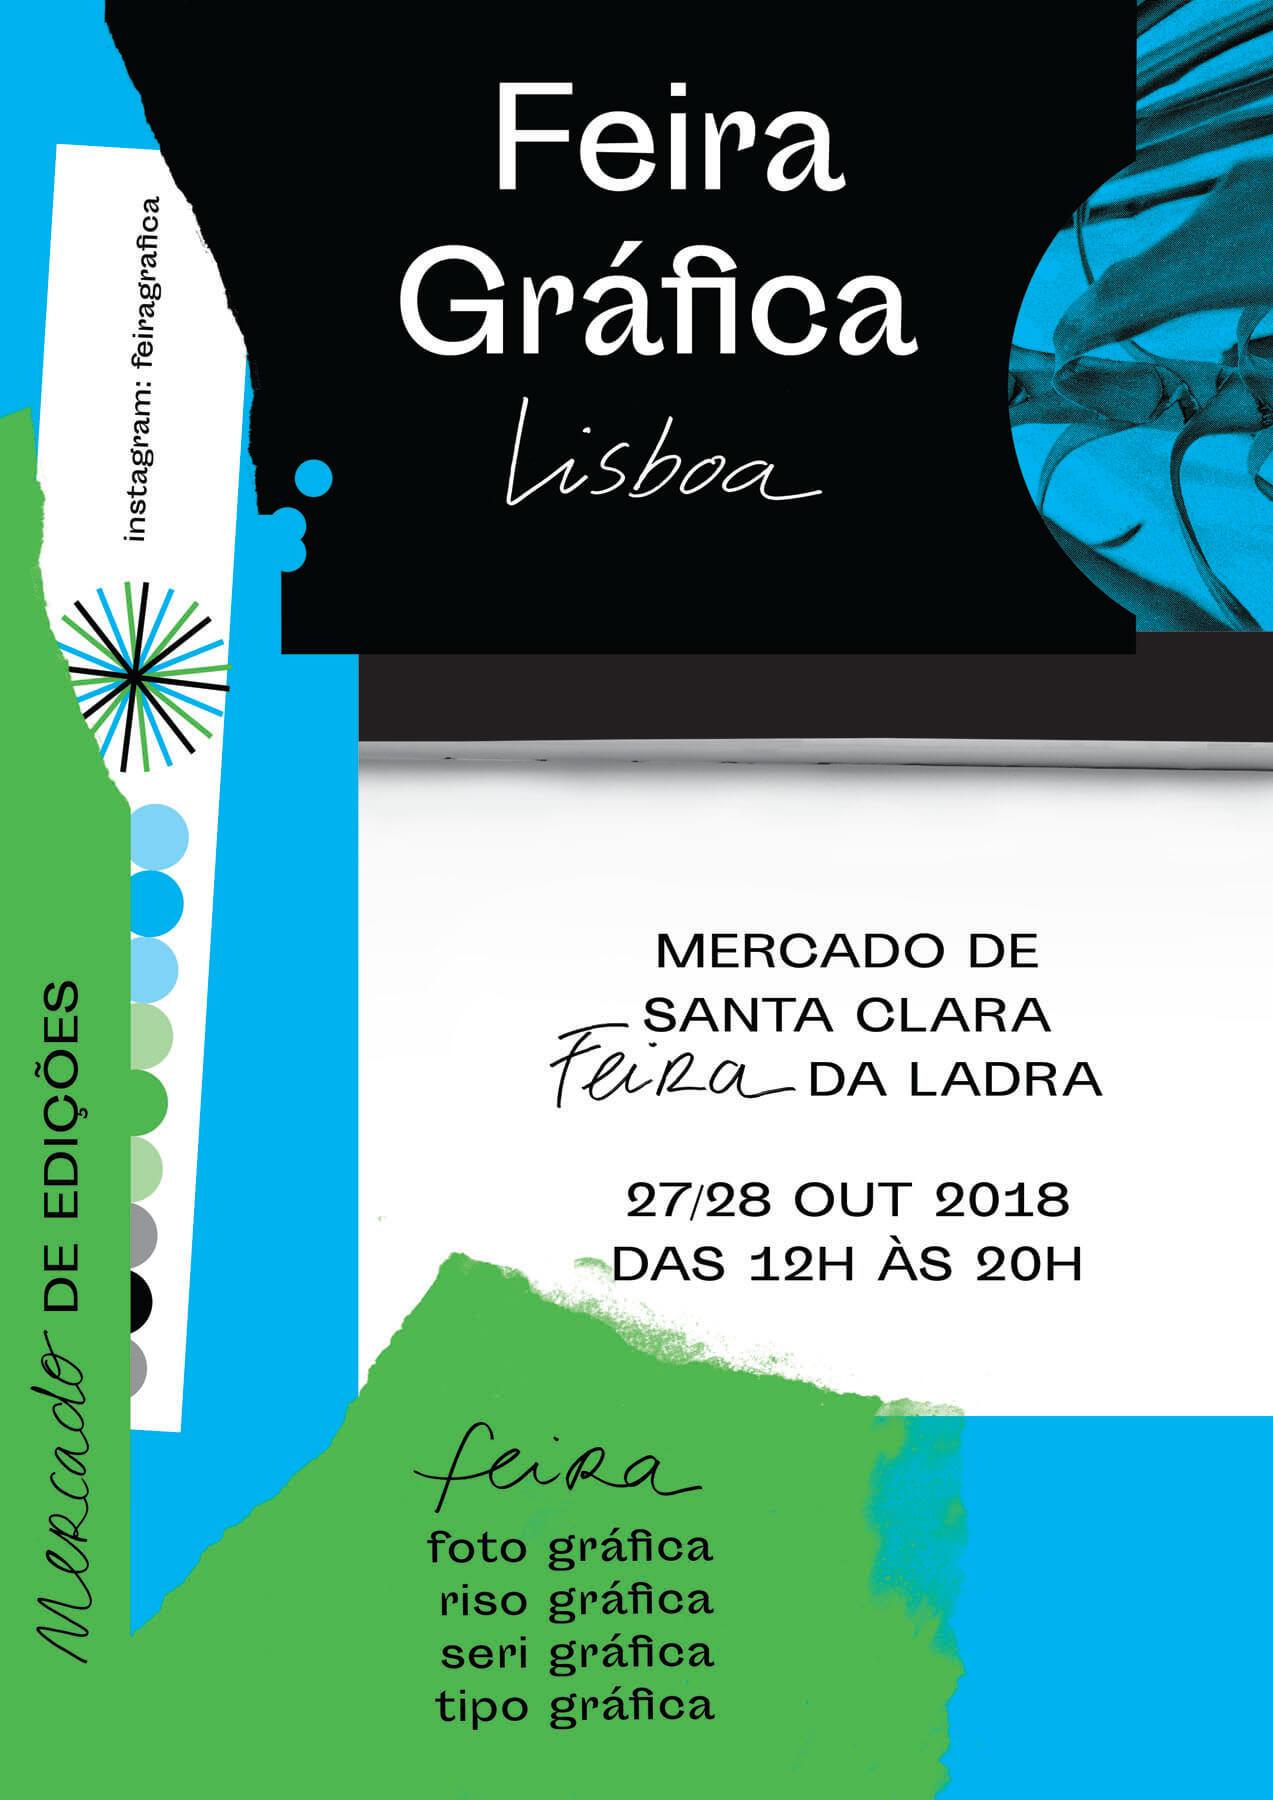 feira grafica 2018 isabel lucena 07